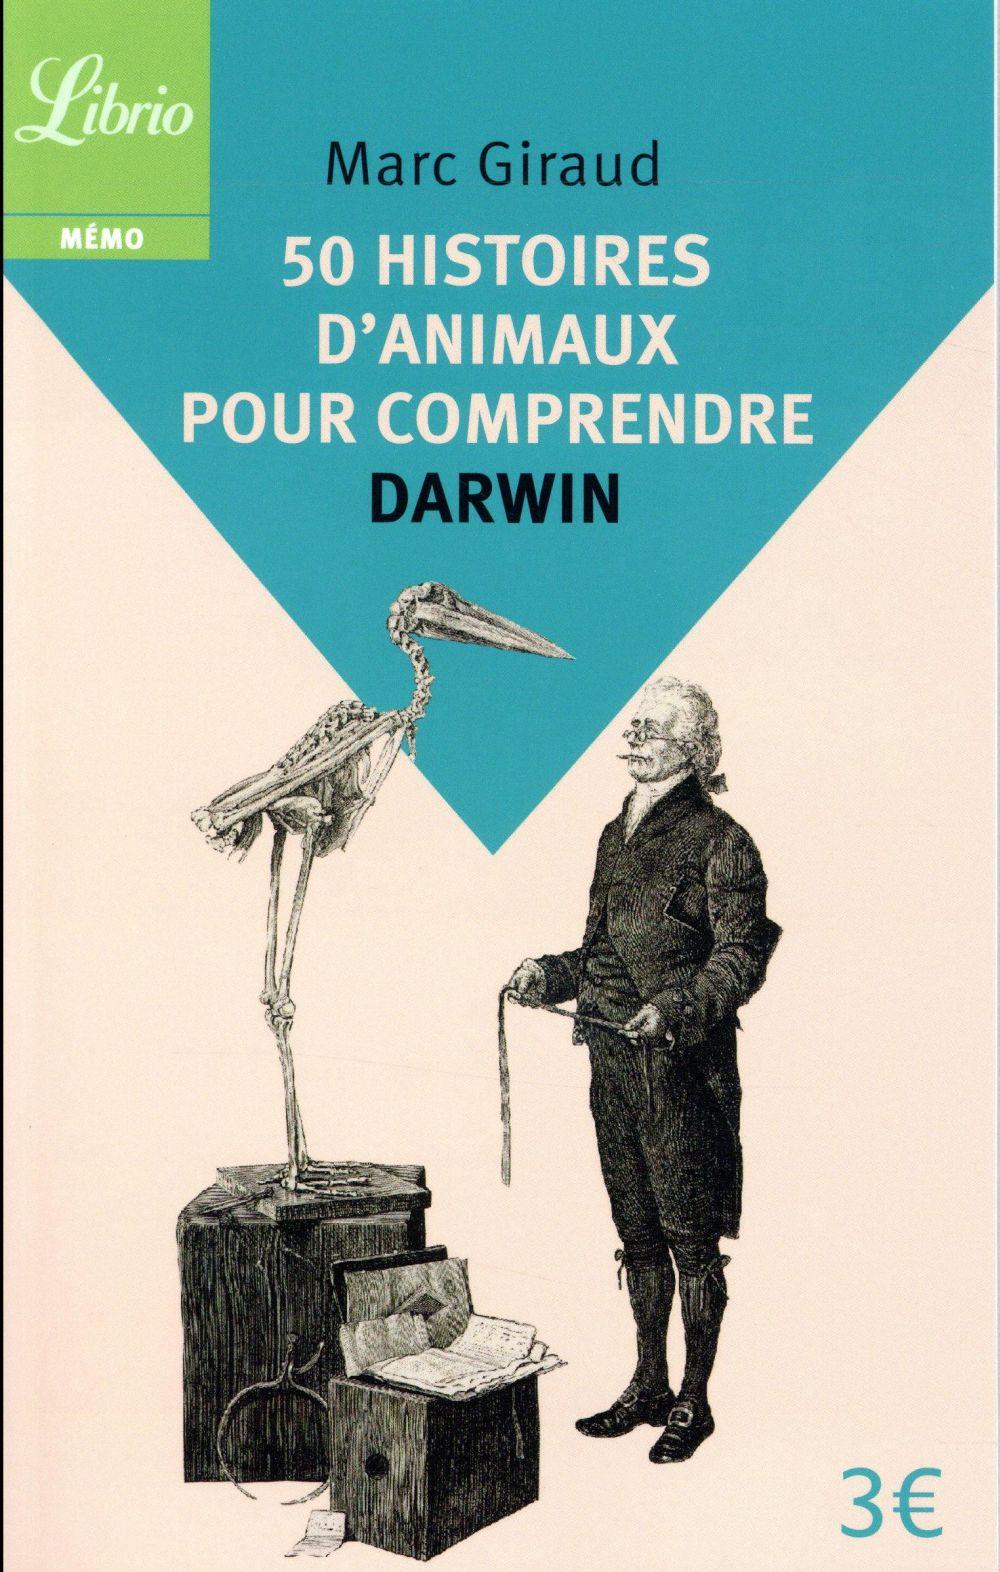 50 histoires d'animaux pour comprendre darwin